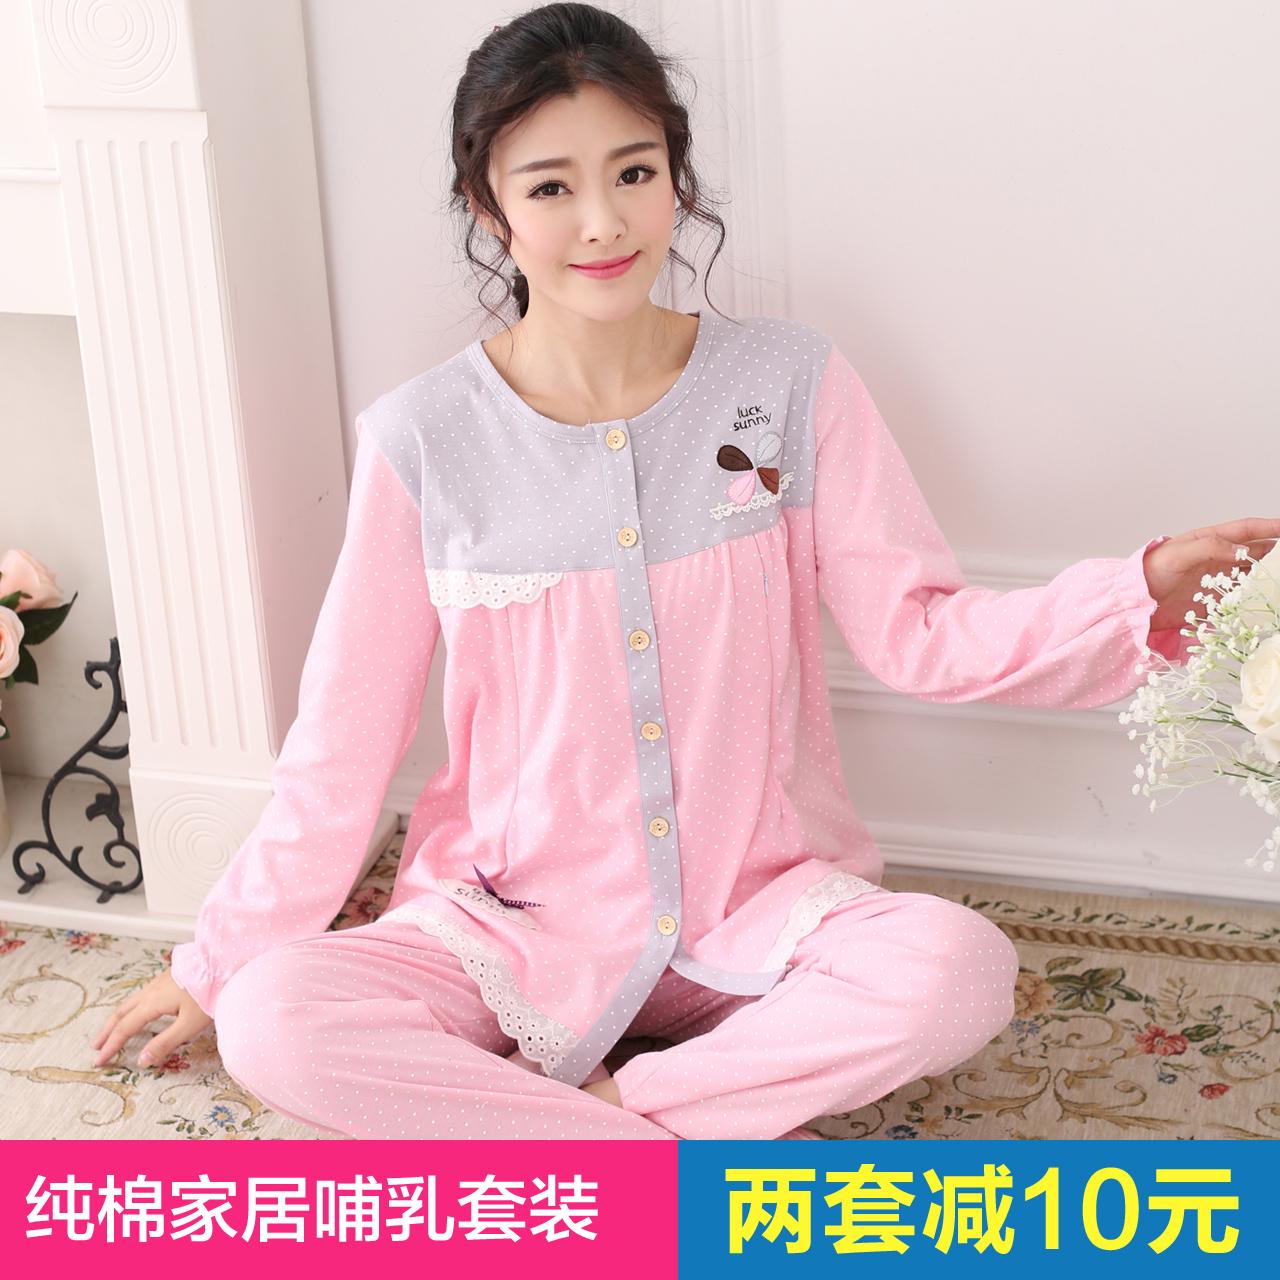 薄款月子服夏季纯棉 孕妇睡衣夏 超薄产妇哺乳睡衣外出孕妇家居服